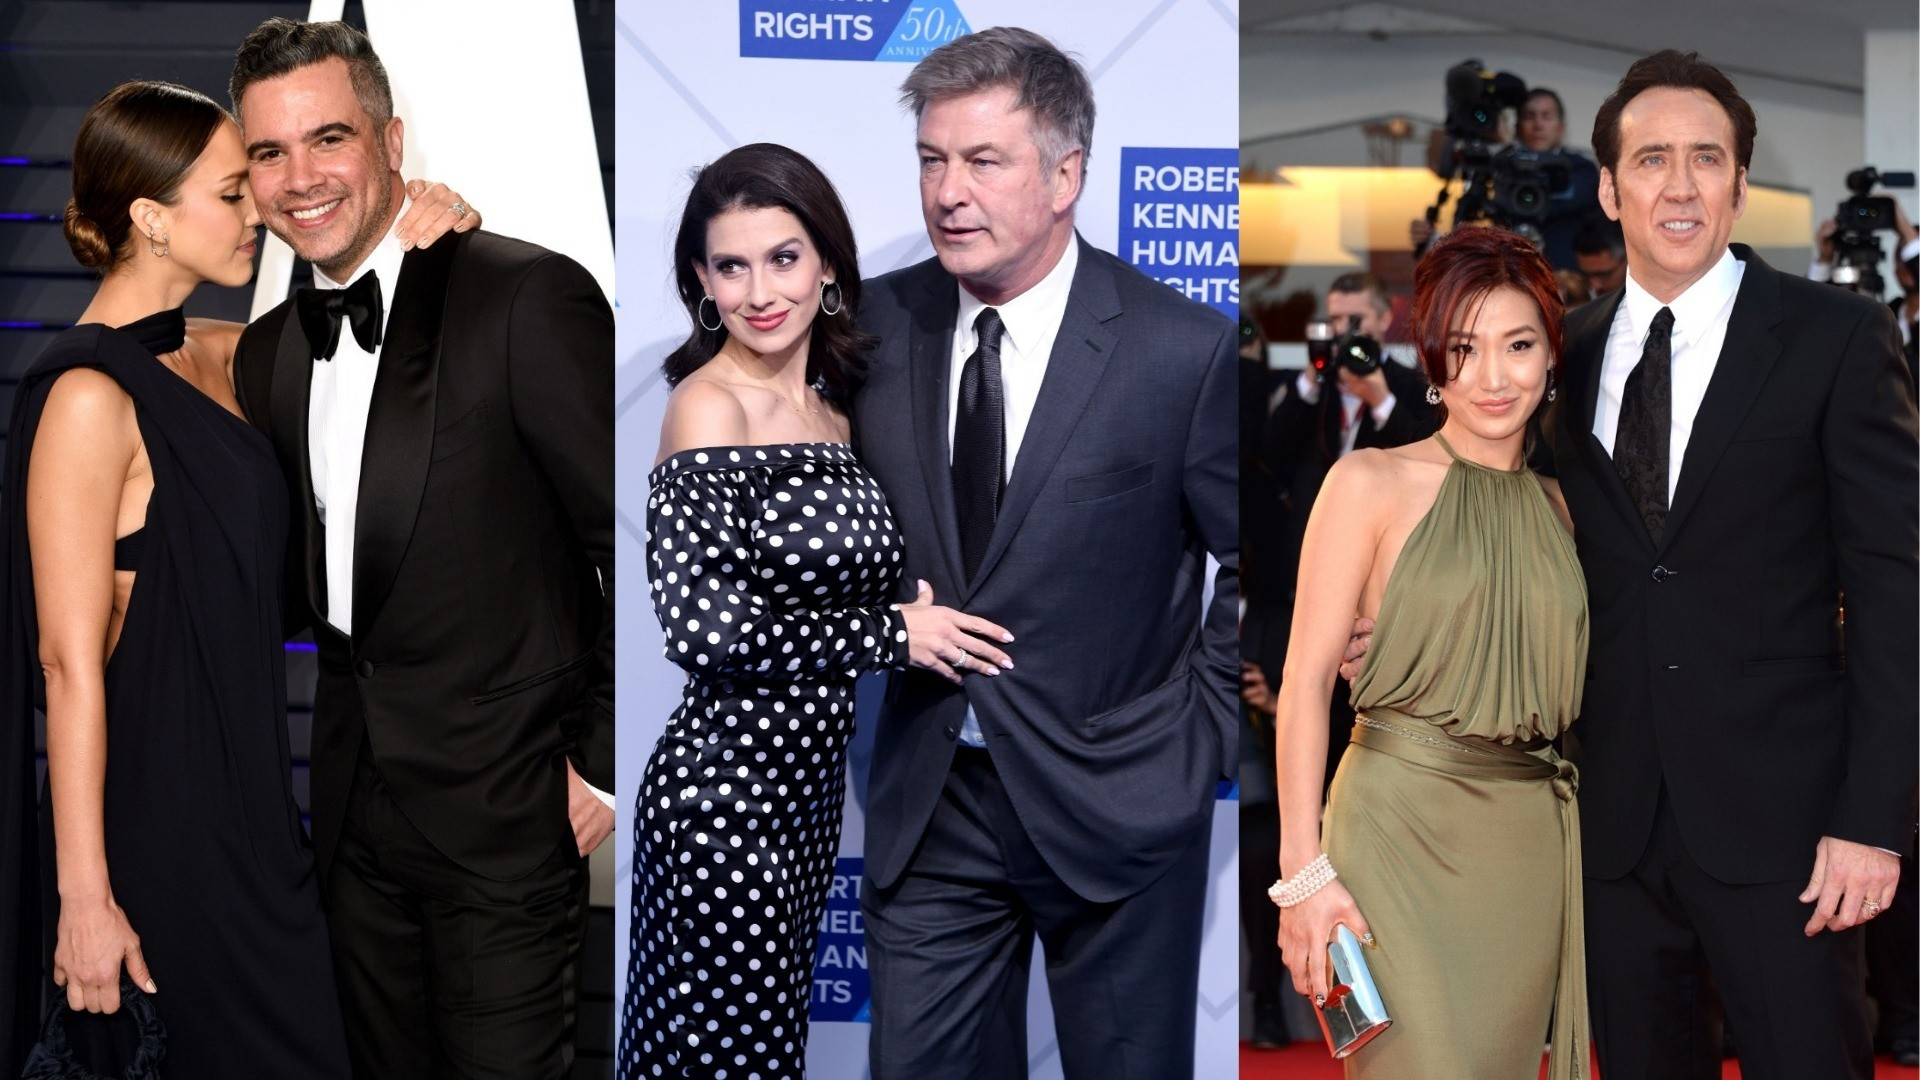 От судьбы не уйдешь: 7 знаменитых актеров, истории любви которых мы никогда не забудем